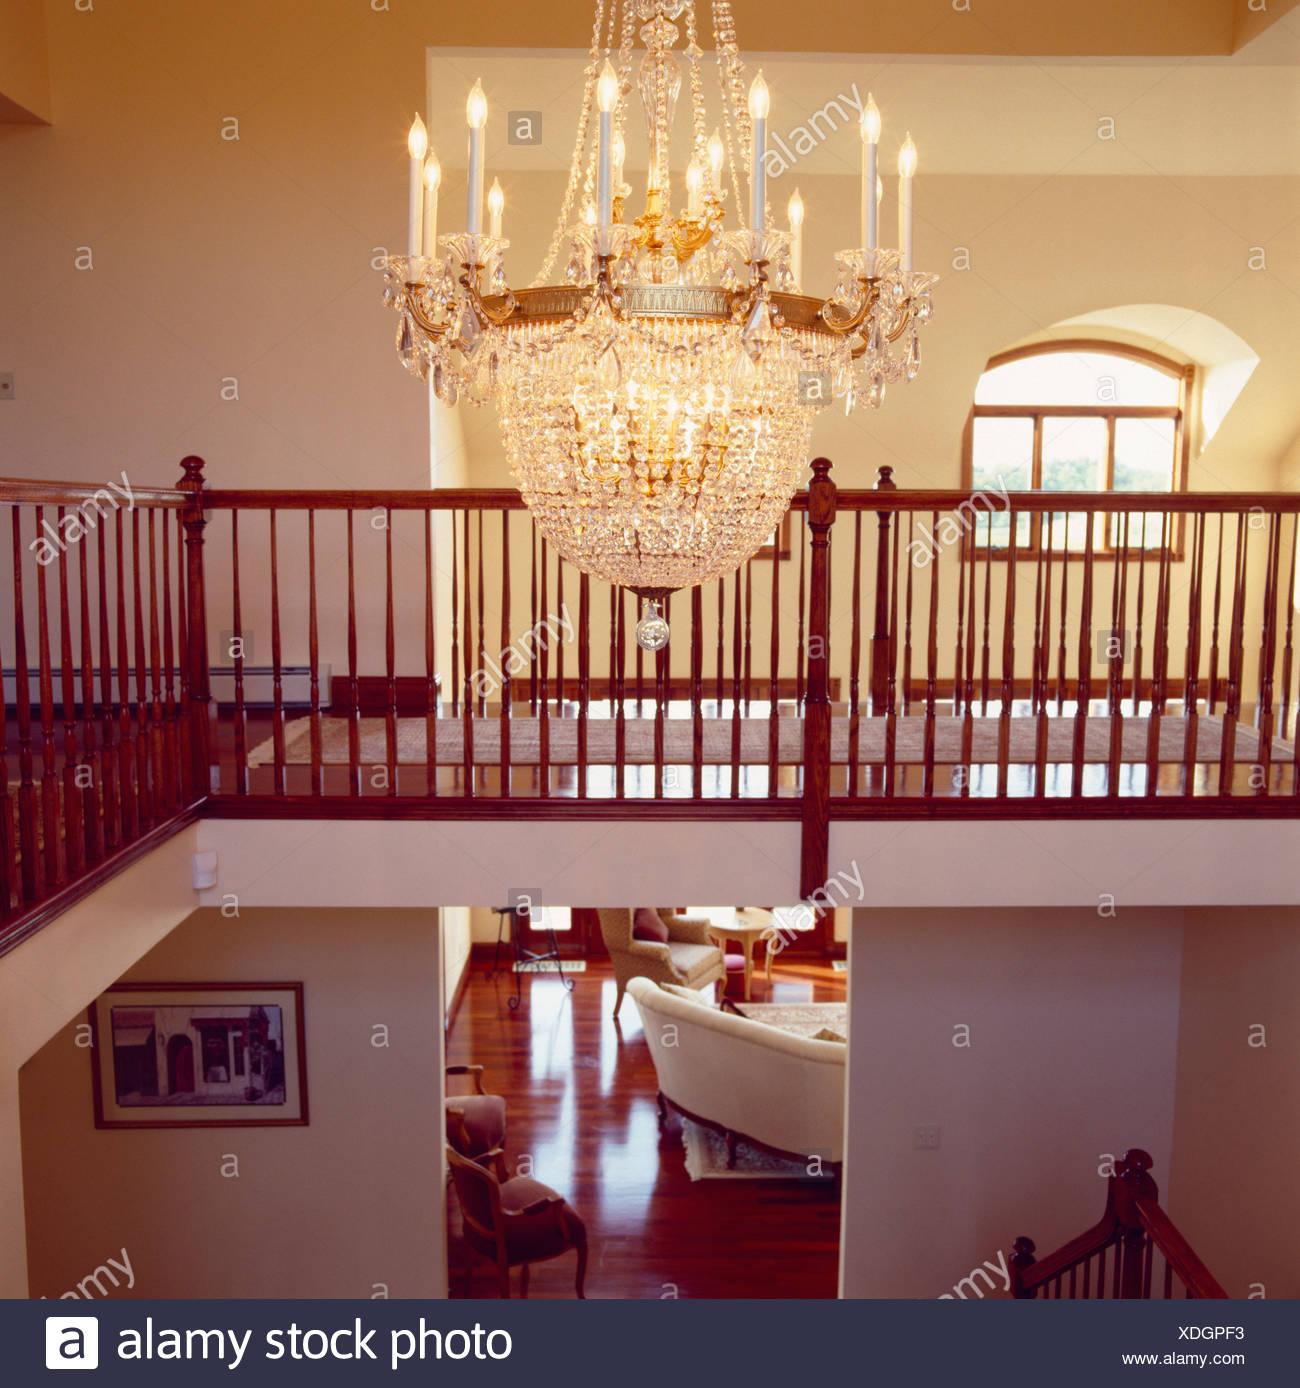 Großes Glas Kronleuchter über Moderne Landung Mit Blick Auf Wohnzimmer  Durch Die Offene Tür